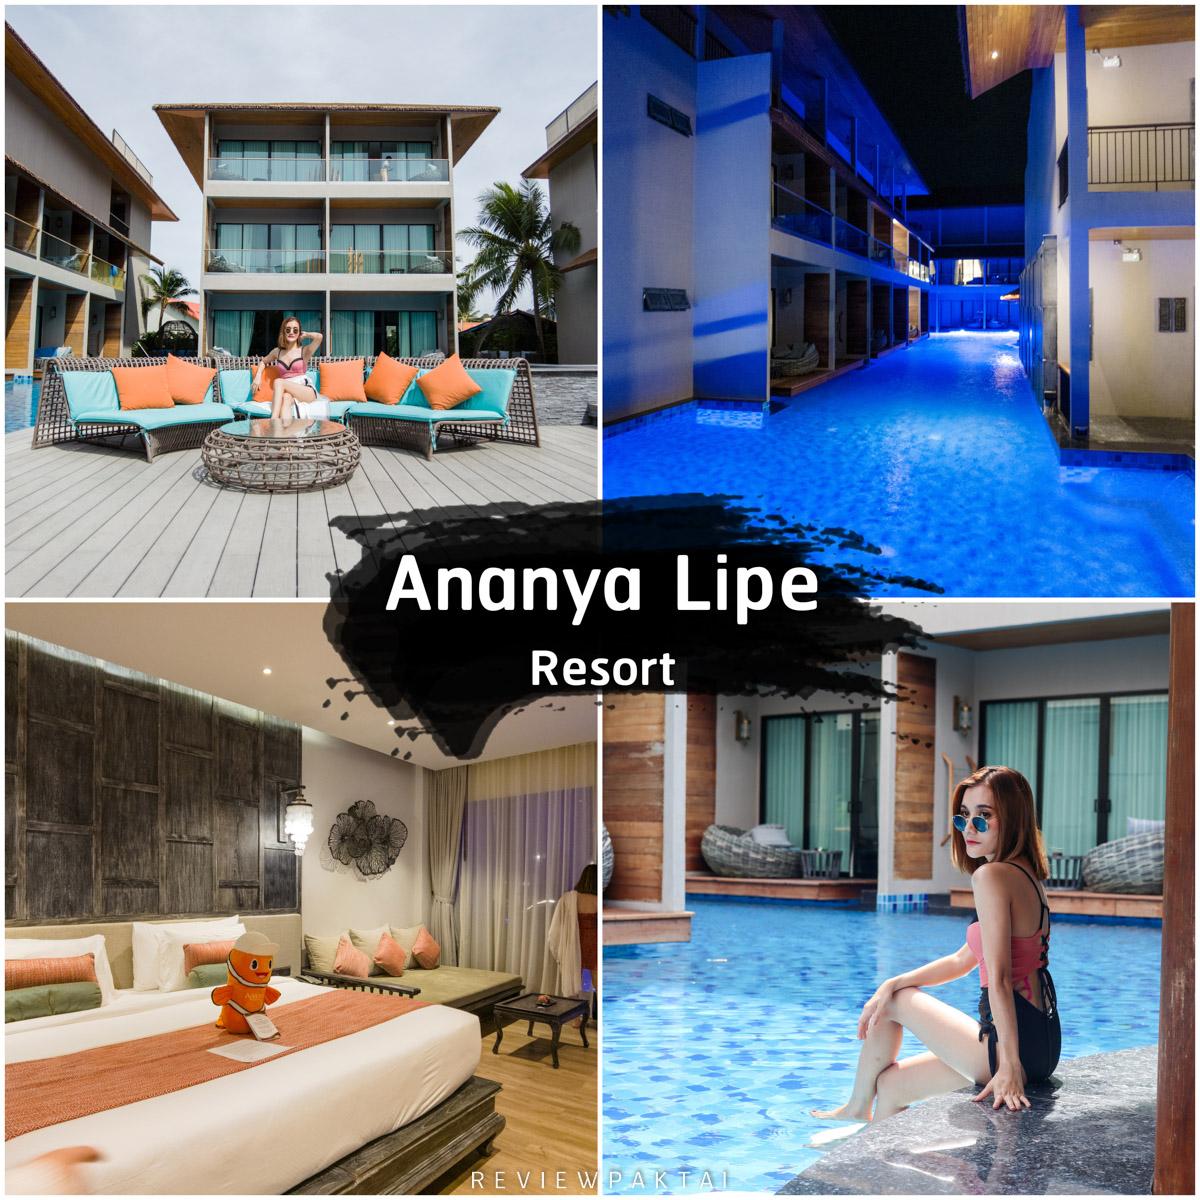 สำหรับจุดเช็คอินแรกๆ-แบบว้าวๆ-บนเกาะหลีเป๊ะ-แอดมินแนะนำ-Ananya-Lipe-Resort-บอกเลยที่นี่รีสอร์ทเปิดใหม่-สวยงามดีไซน์เก๋ๆมากก-ทั้งภายในและภายนอก-สระน้ำจะเป็นสระน้ำฝนทั้งหมดรอบโรงแรมแบบปังๆ รายละเอียด-คลิก จุดเช็คอิน,หลีเป๊ะ,สตูลสดยกกำลังสาม,satunwonderland,เที่ยวเมืองไทยAmazingกว่าเดิม,ชีพจรลงSouth